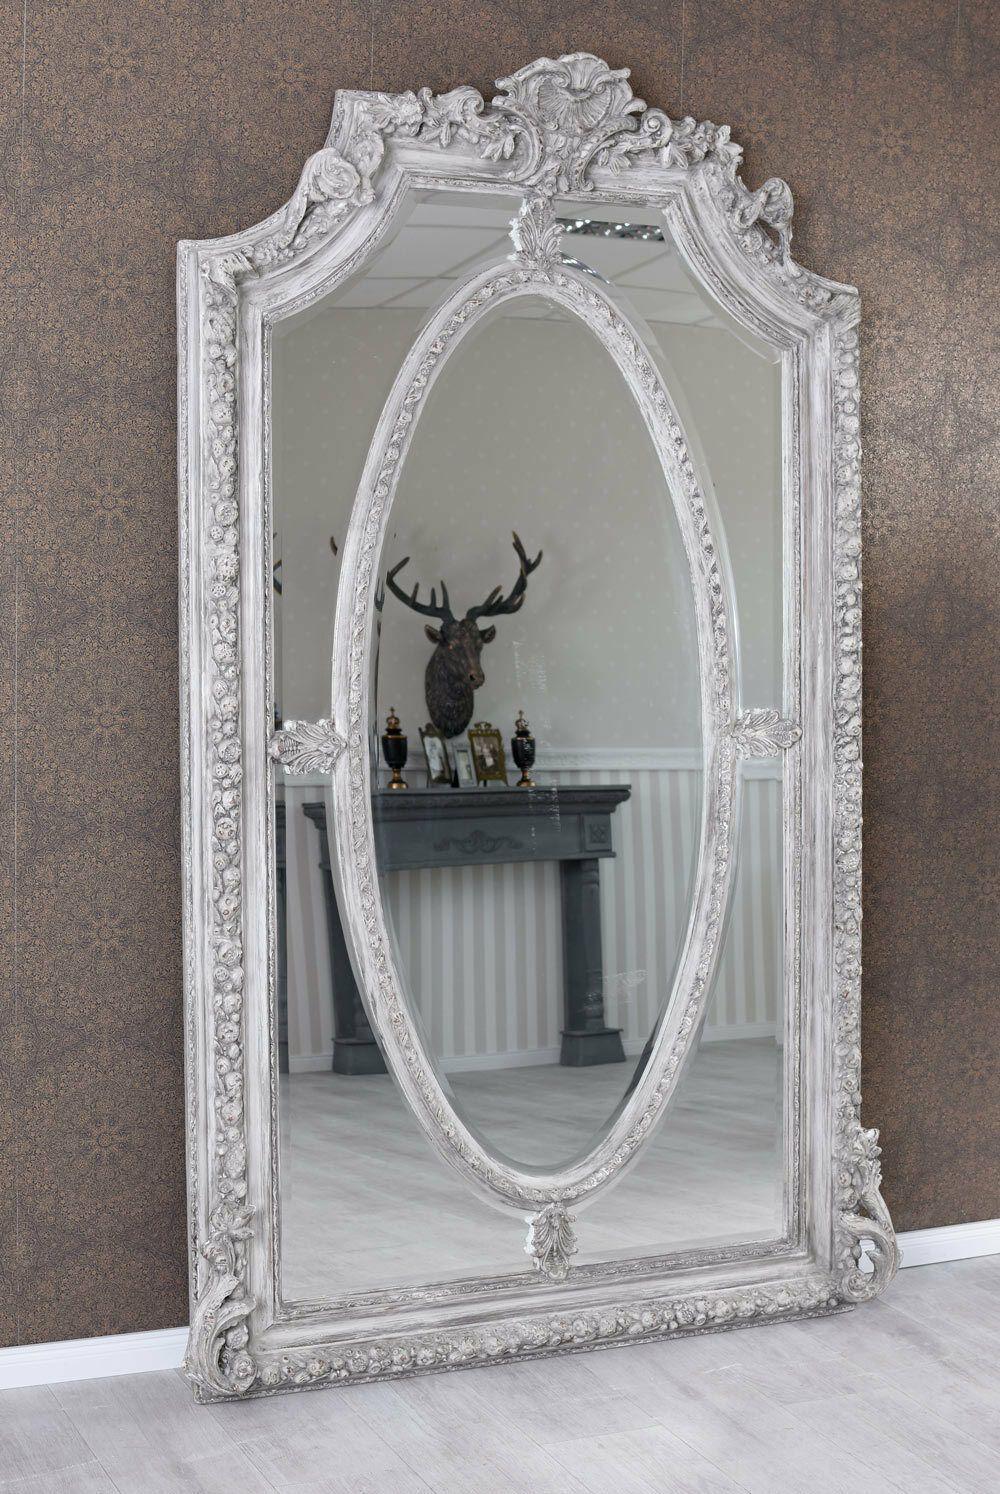 Spiegel Shabby Standspiegel Barockspiegel Wandspiegel 120x200cm Ankleidespiegel 469 55 Picclick Uk Ankleidespiegel Standspiegel Barock Spiegel